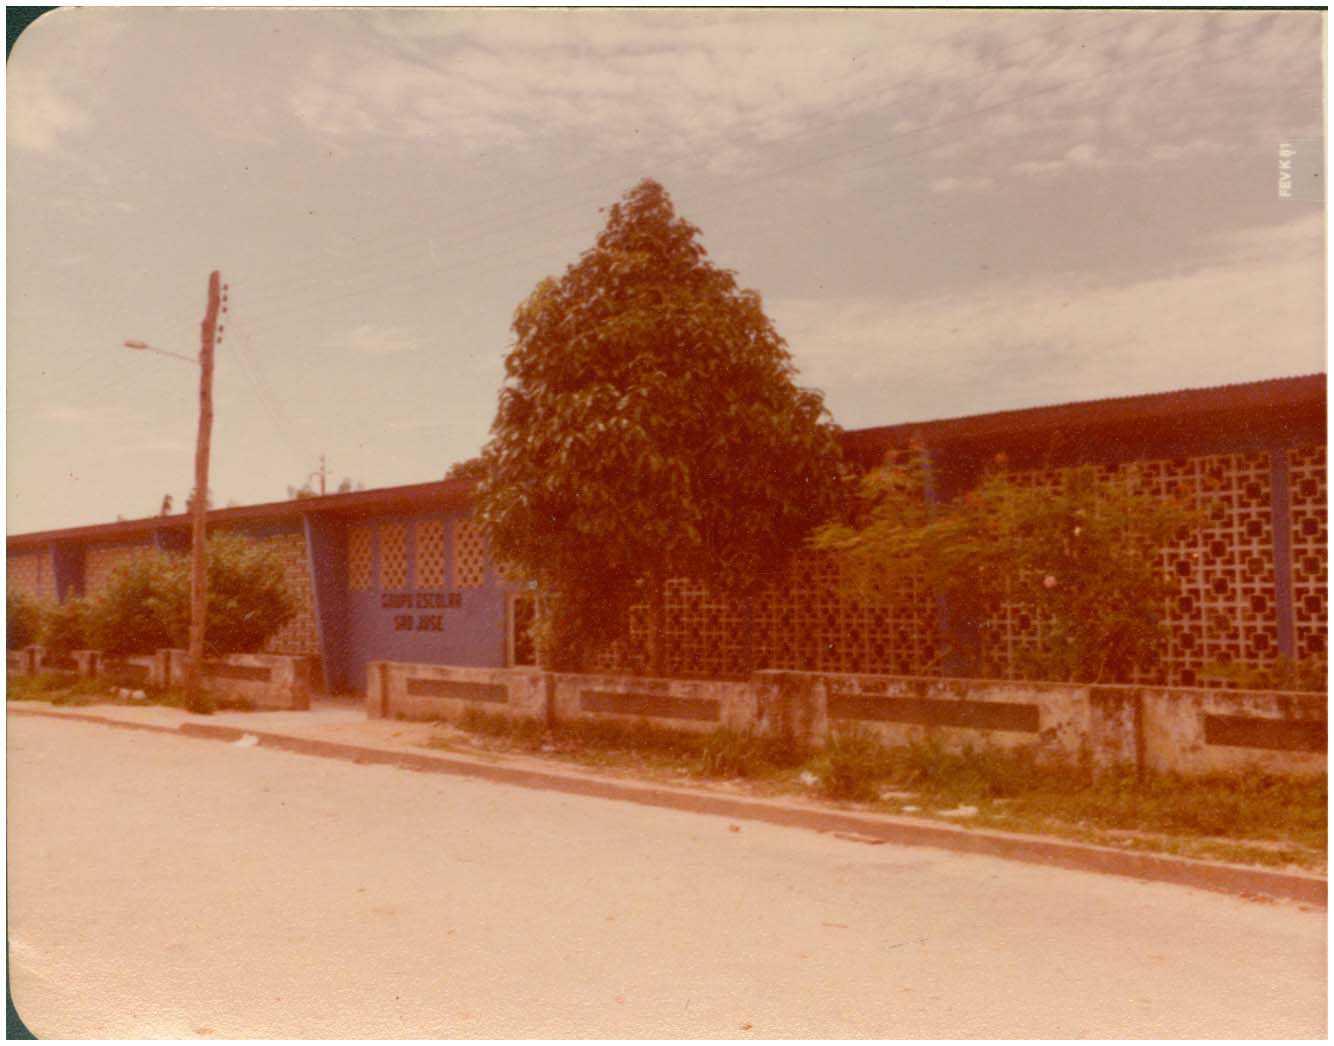 Grupo Escolar São José : Tefé, AM - 1981 / Foto : IBGE